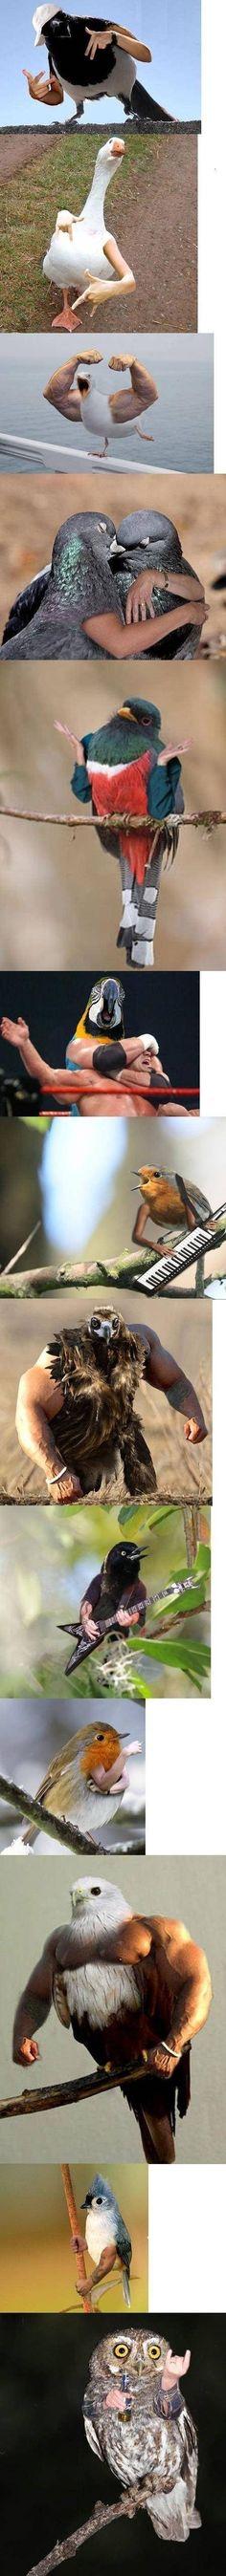 birds with hands